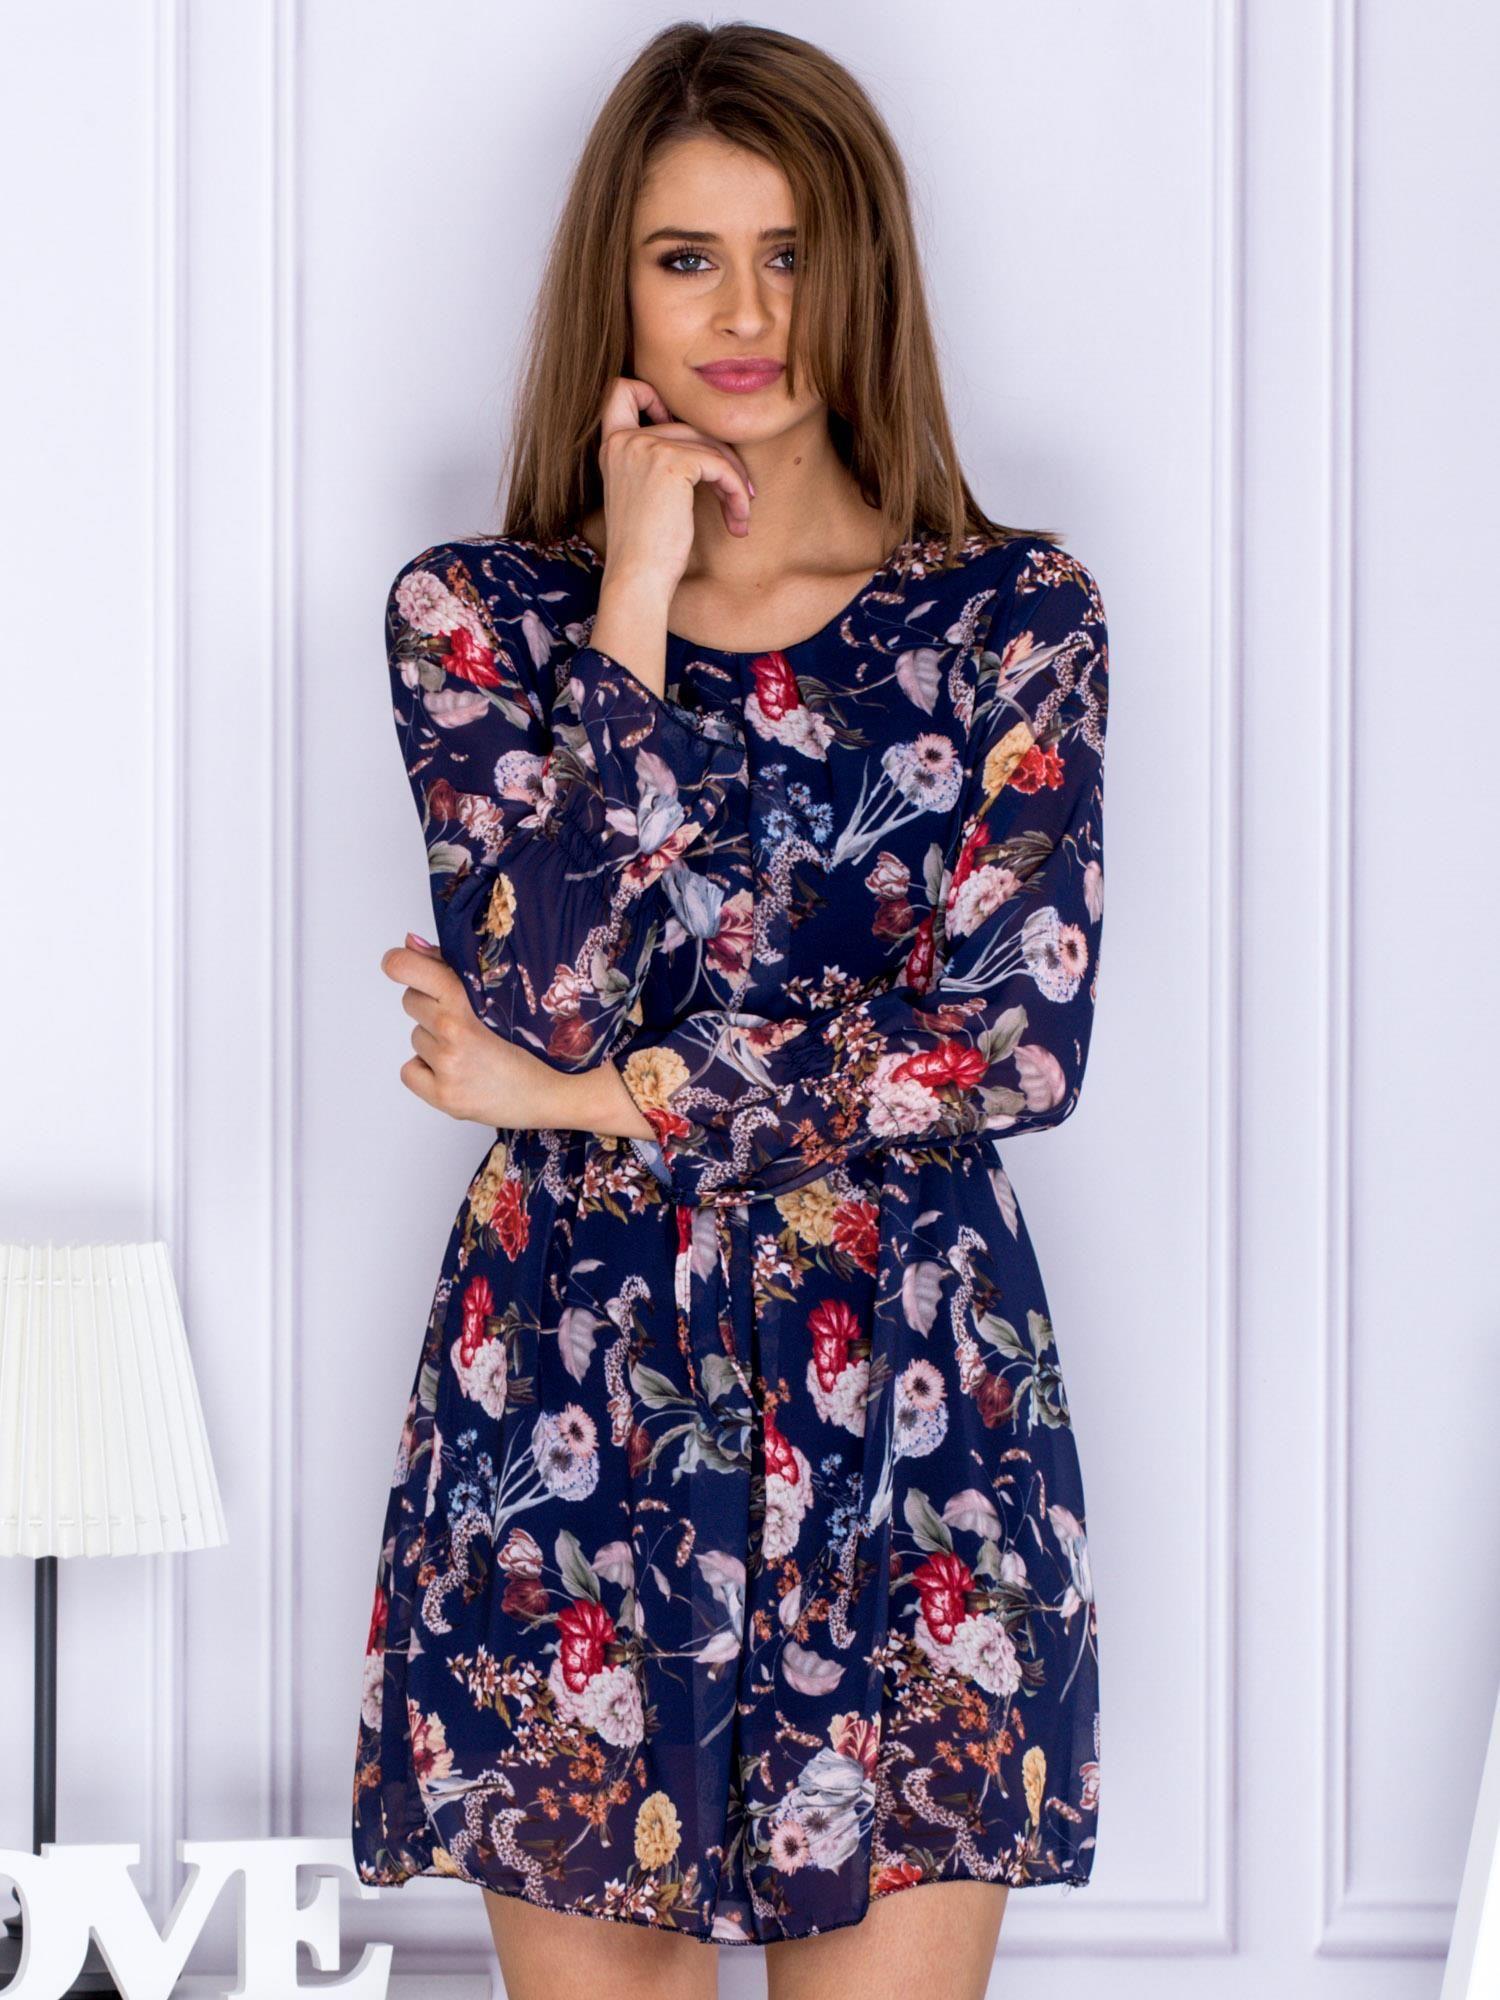 cc393a7c8b84ea Granatowa sukienka w kwiaty z paskiem - Sukienka na co dzień - sklep ...